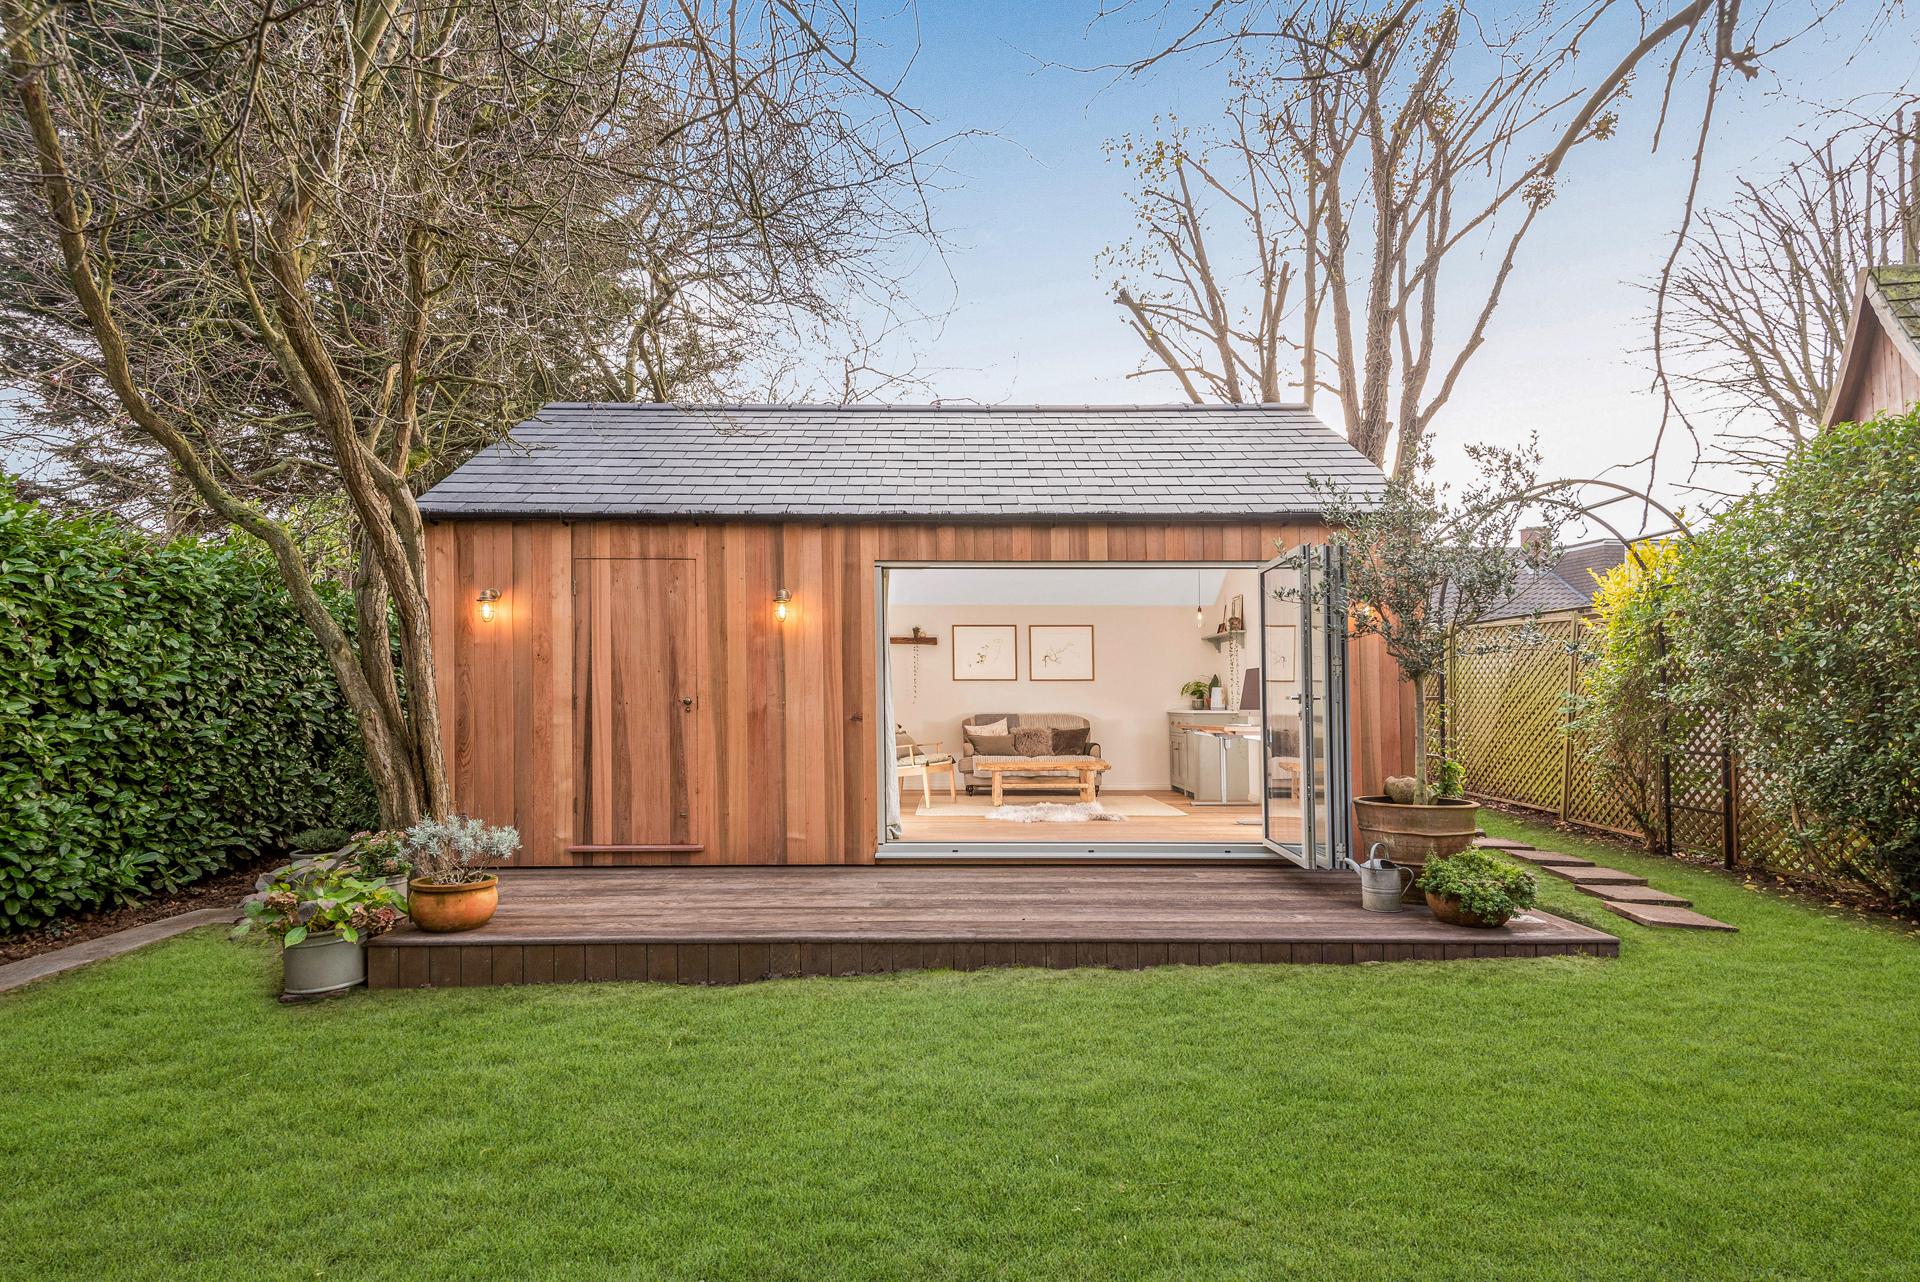 Bespoke garden rooms in Essex